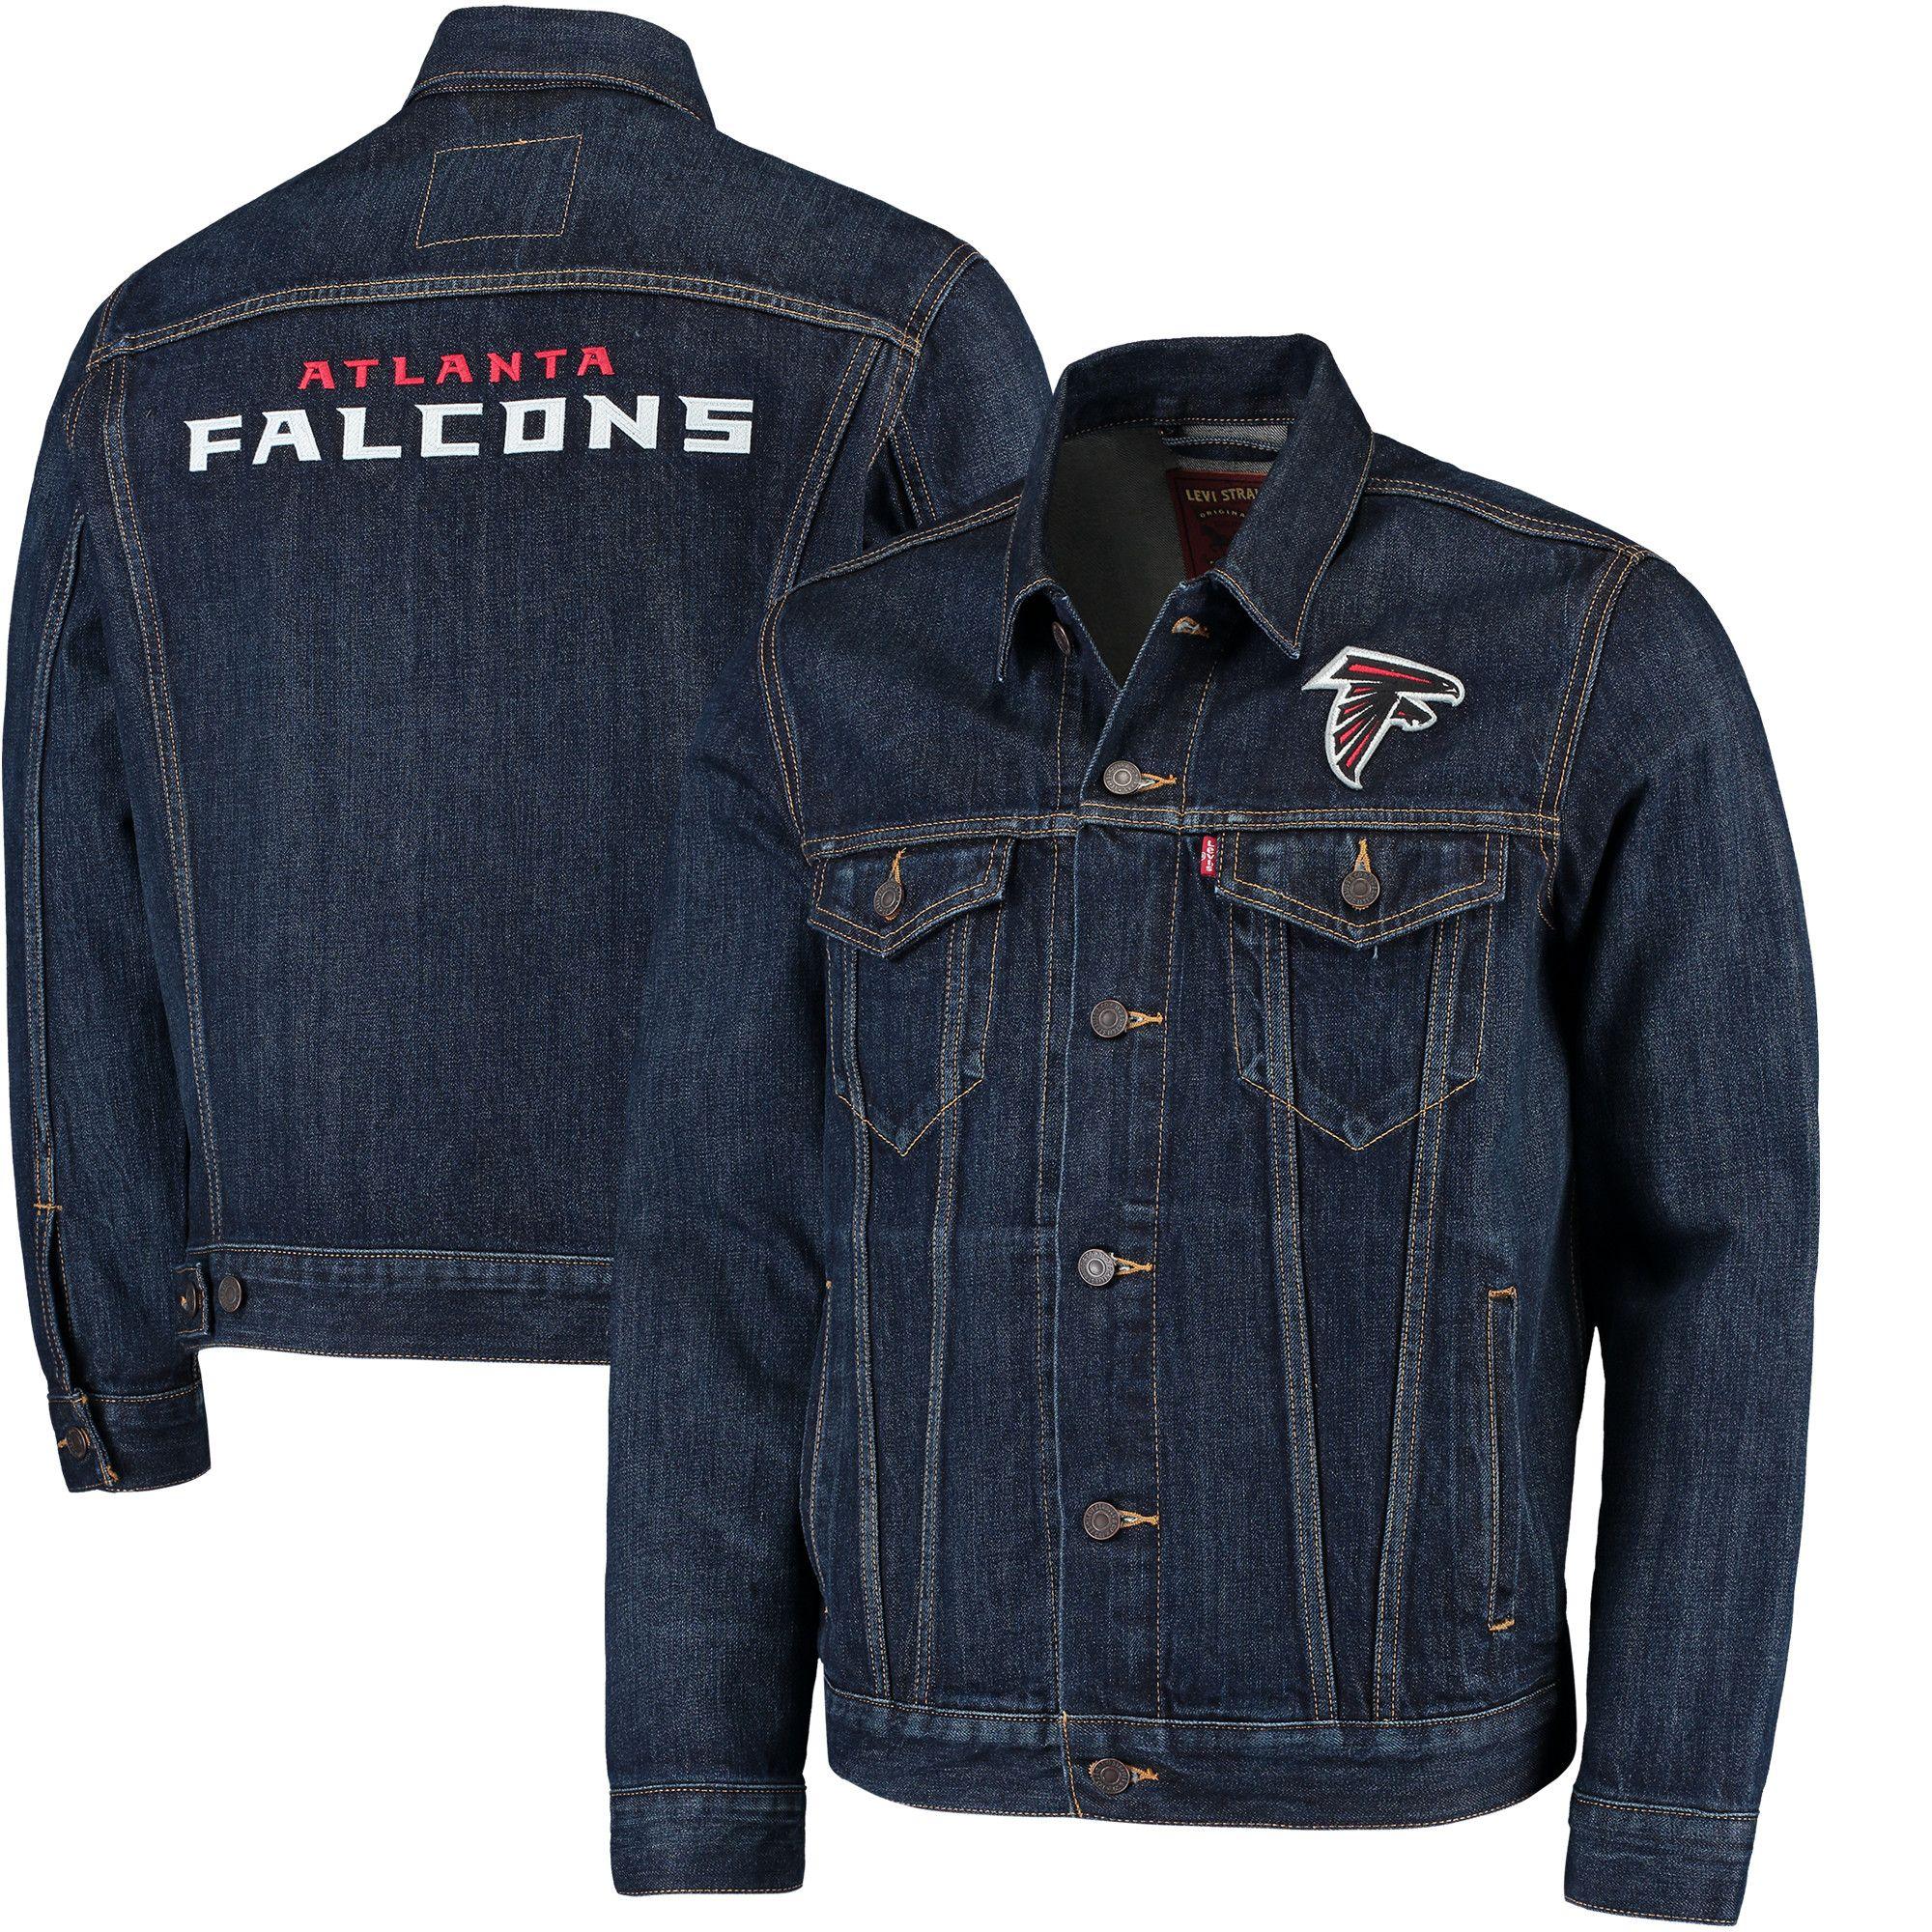 Nfl Atlanta Falcons Levi S Sports Denim Trucker Jacket Blue Atlanta Falcons Trucker Jacket Jackets [ 2000 x 2000 Pixel ]